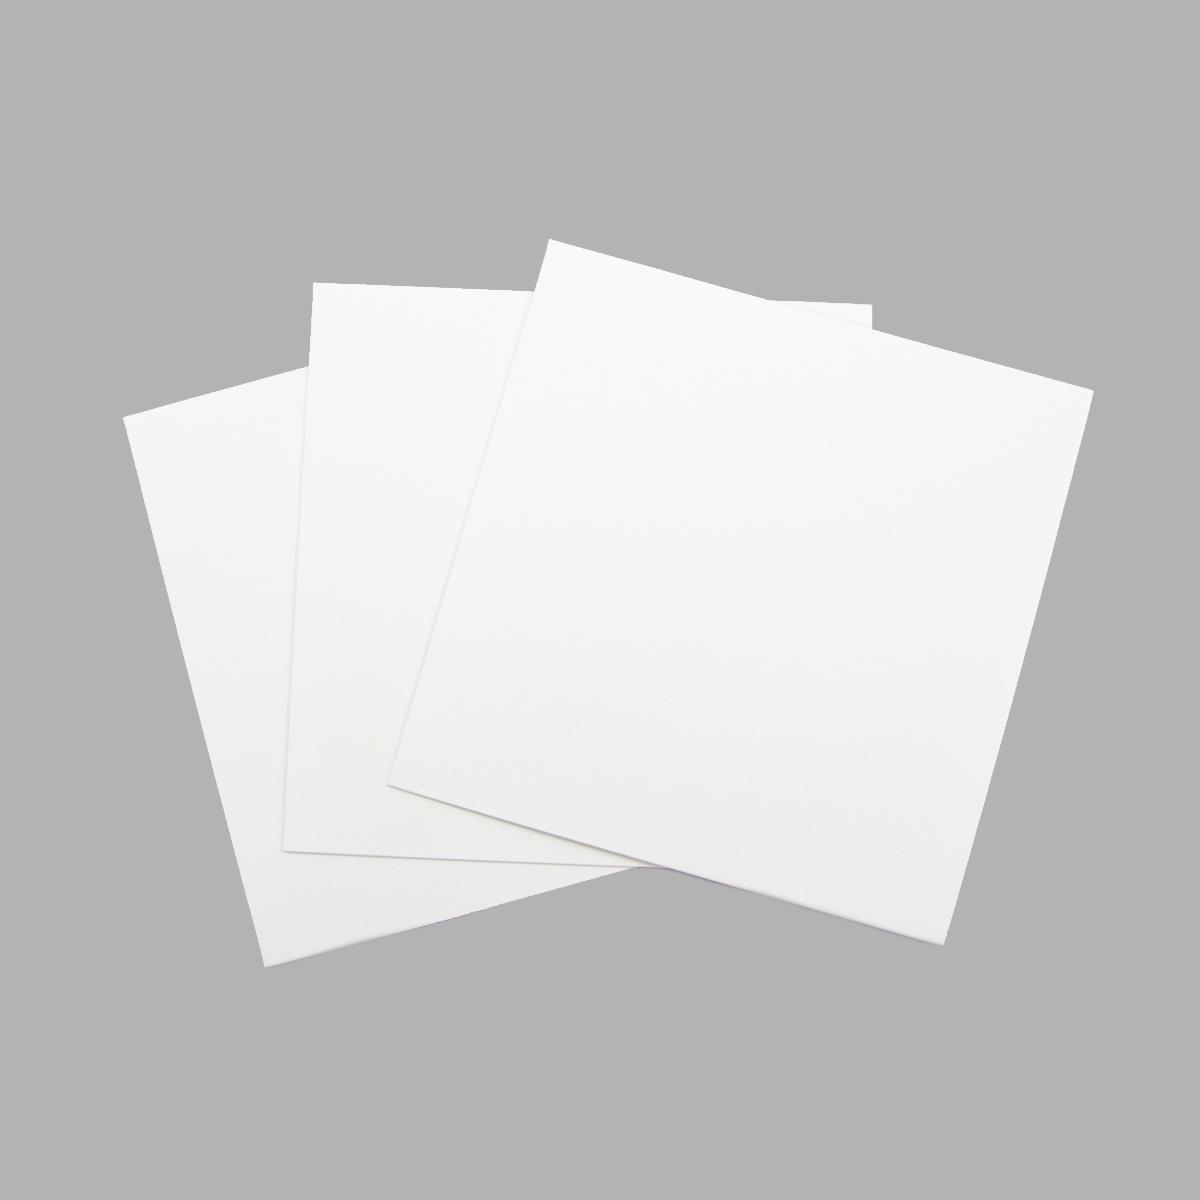 О23024 Открытка двойная белая матовая, 16х16 см, упак./3 шт.